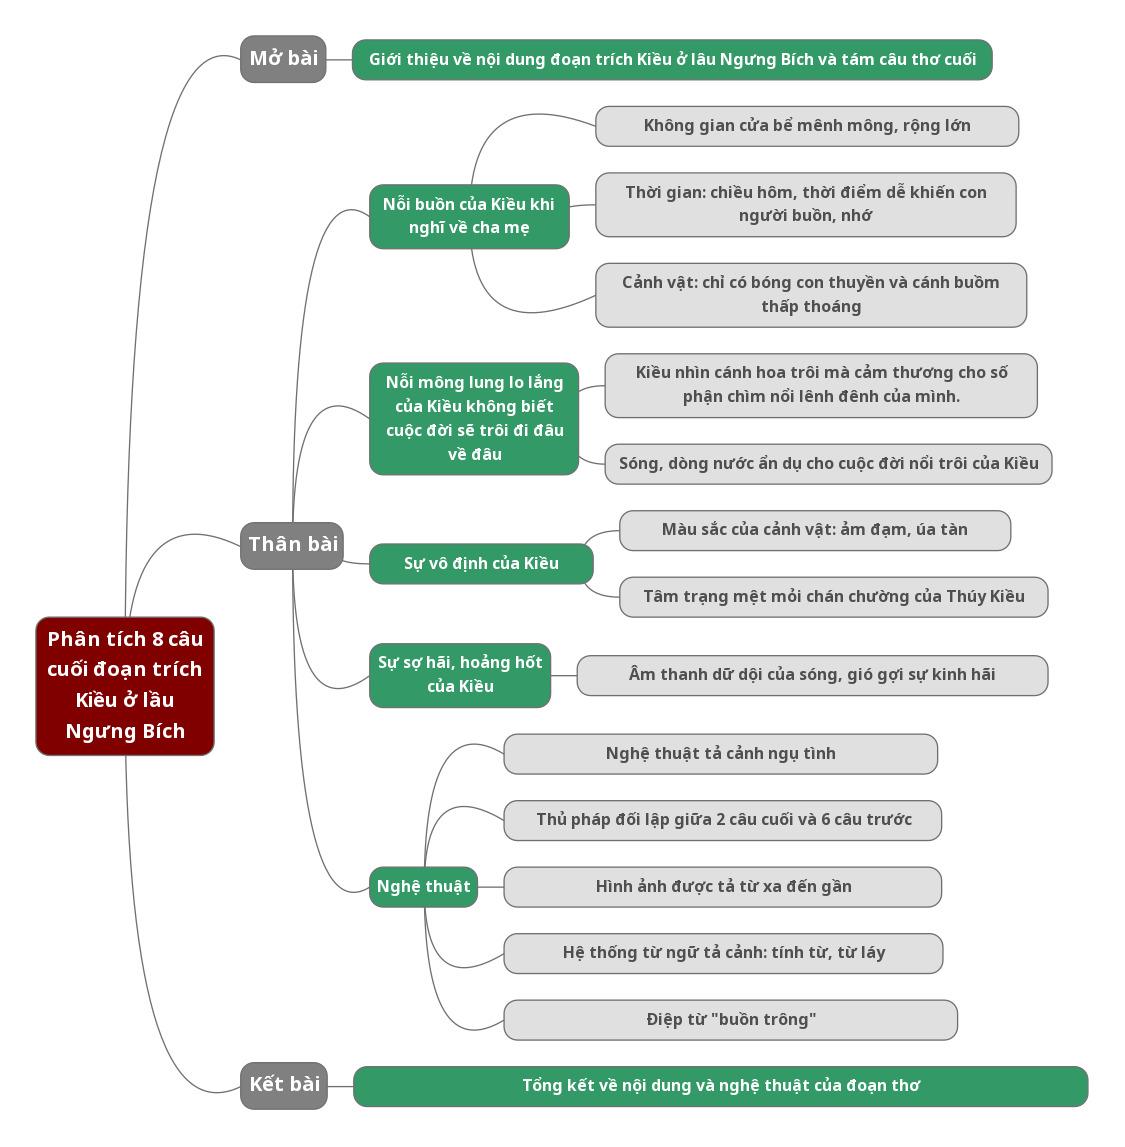 Sơ đồ tư duy phân tích 8 câu cuối đoạn trích Kiều ở lầu Ngưng Bích